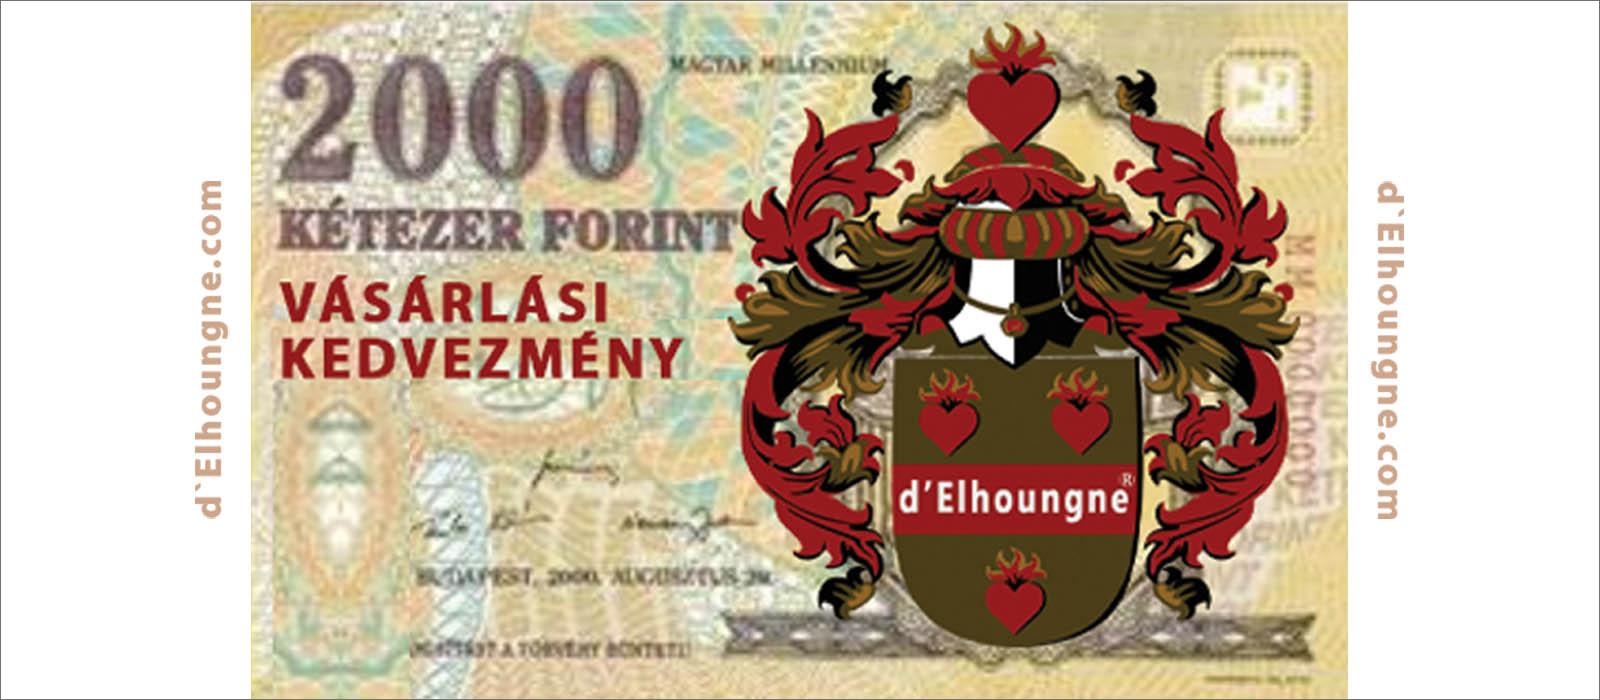 d'Elhoungne Ajándékaink 1-4.